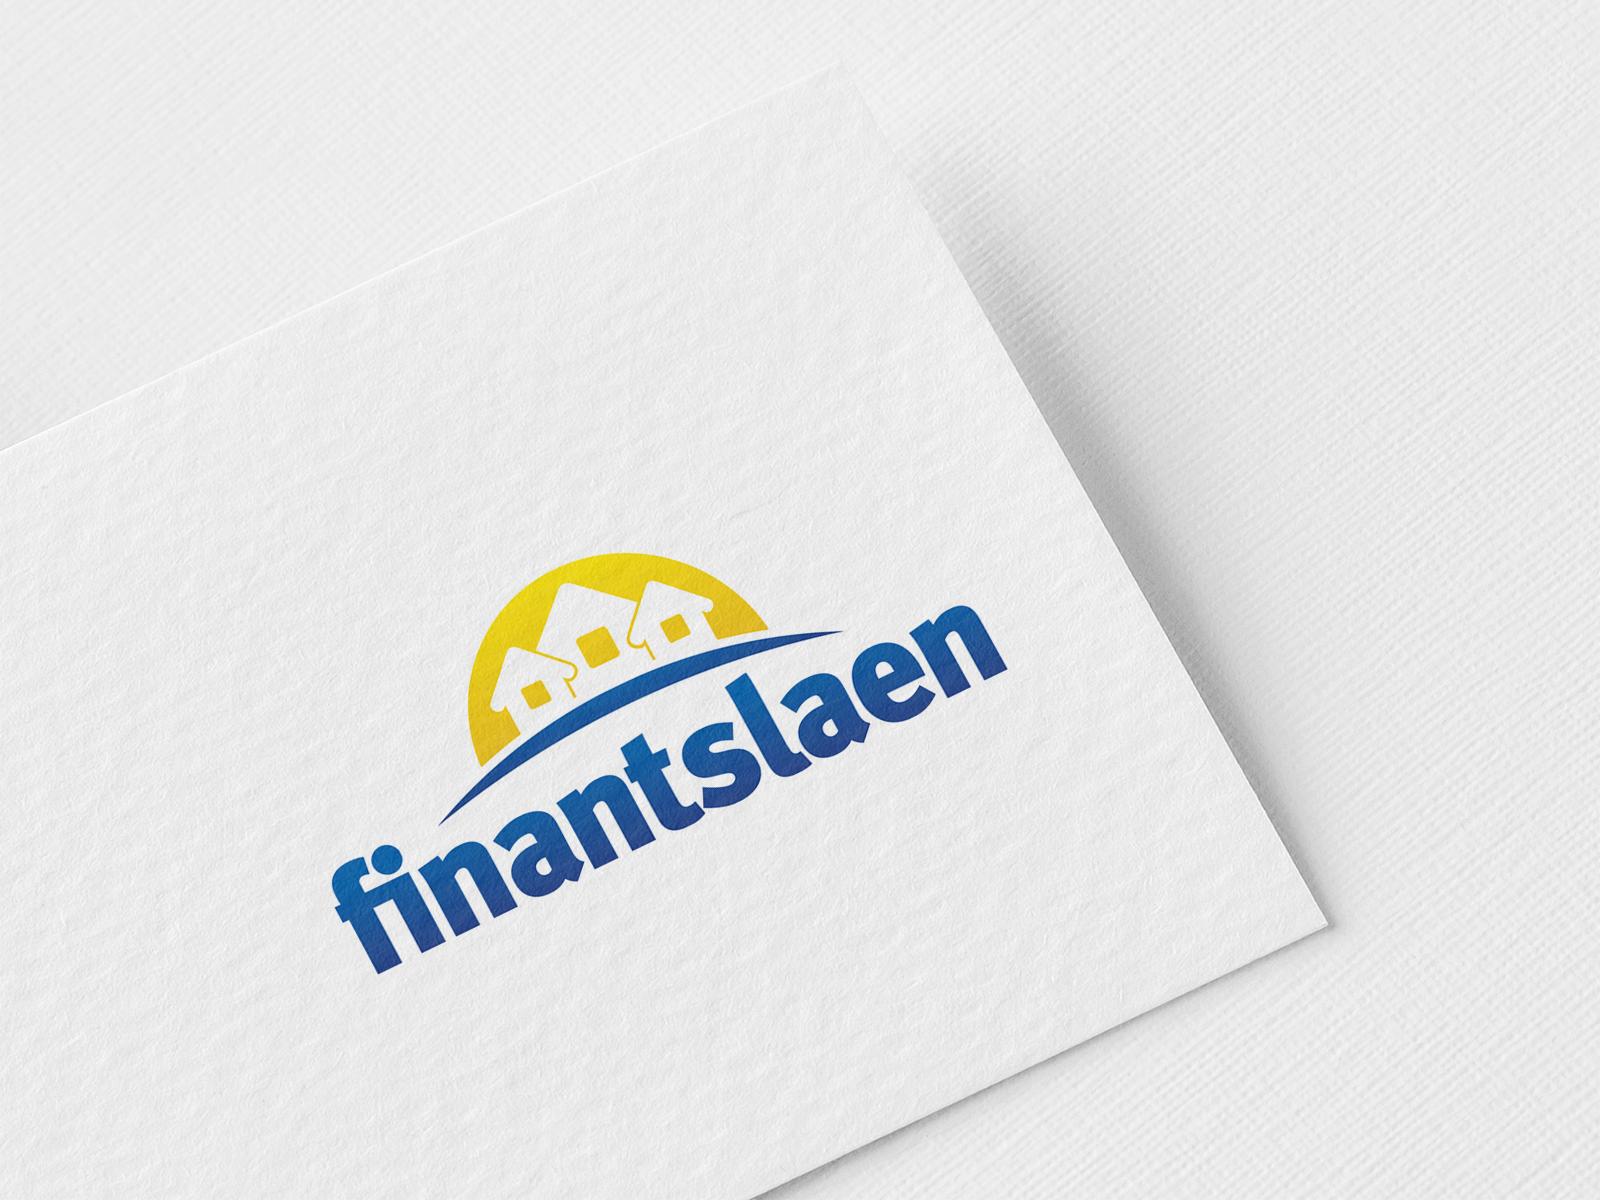 finantslaen logo d